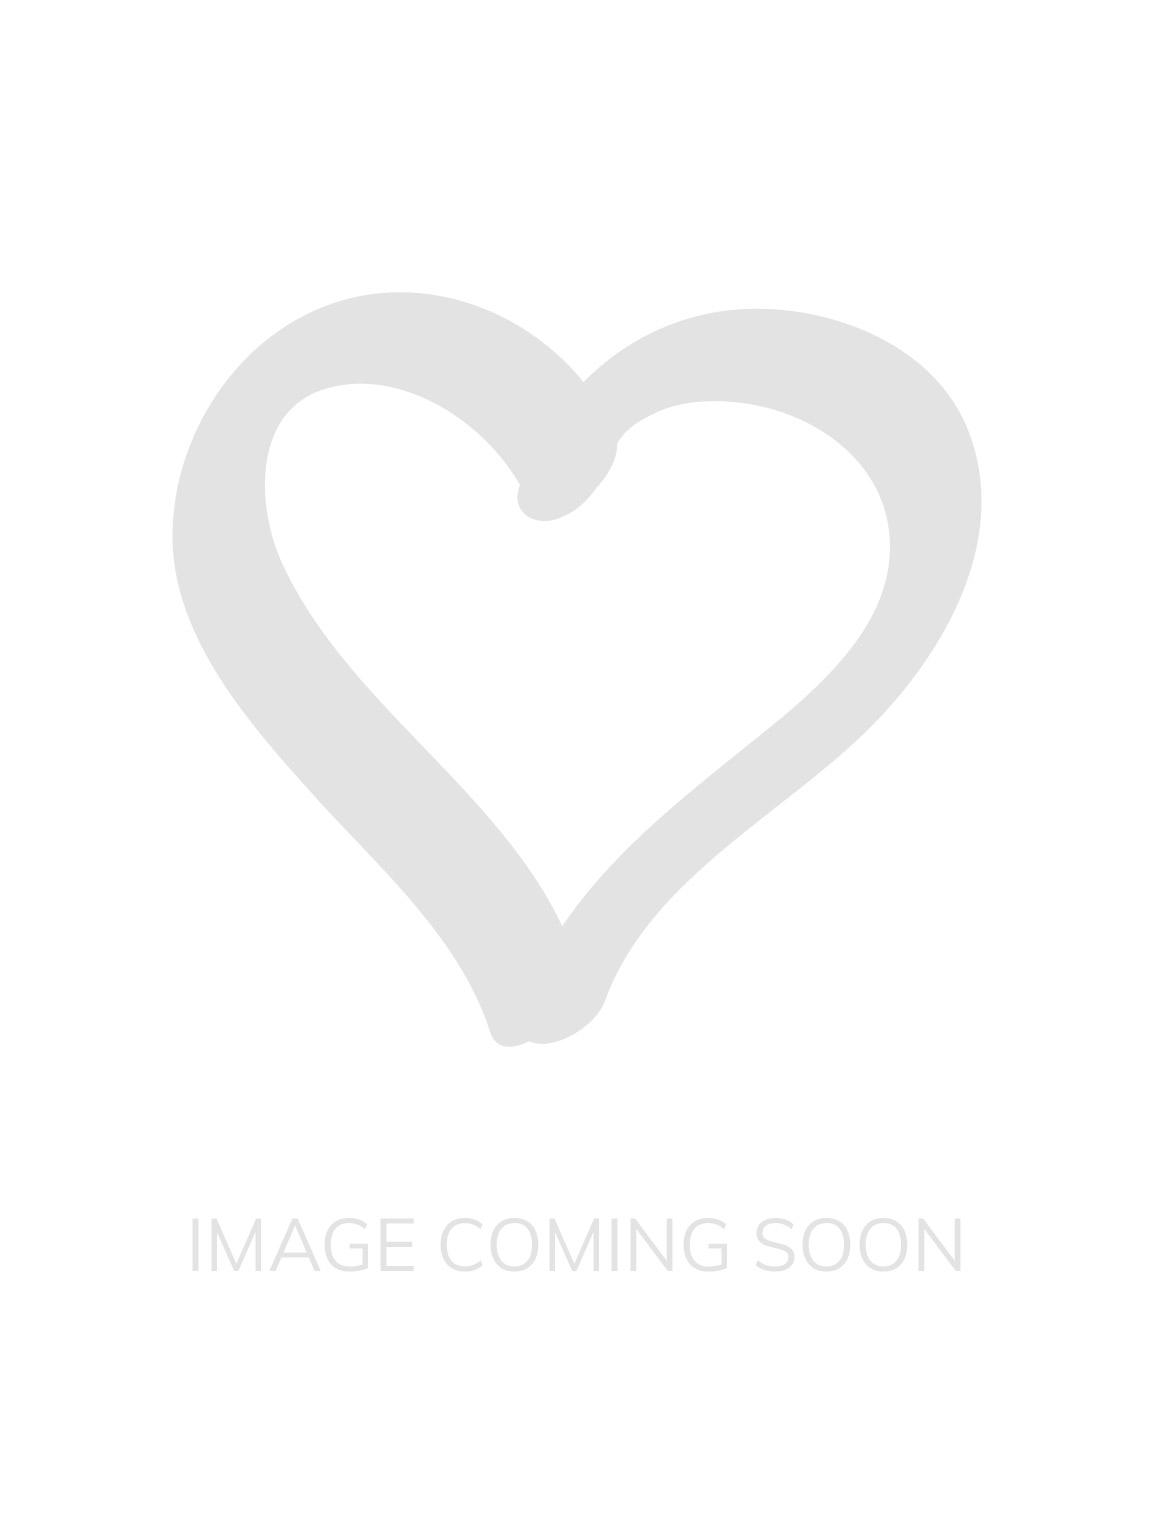 f701309a365 Doreen Classic Full Cup Bra - Black